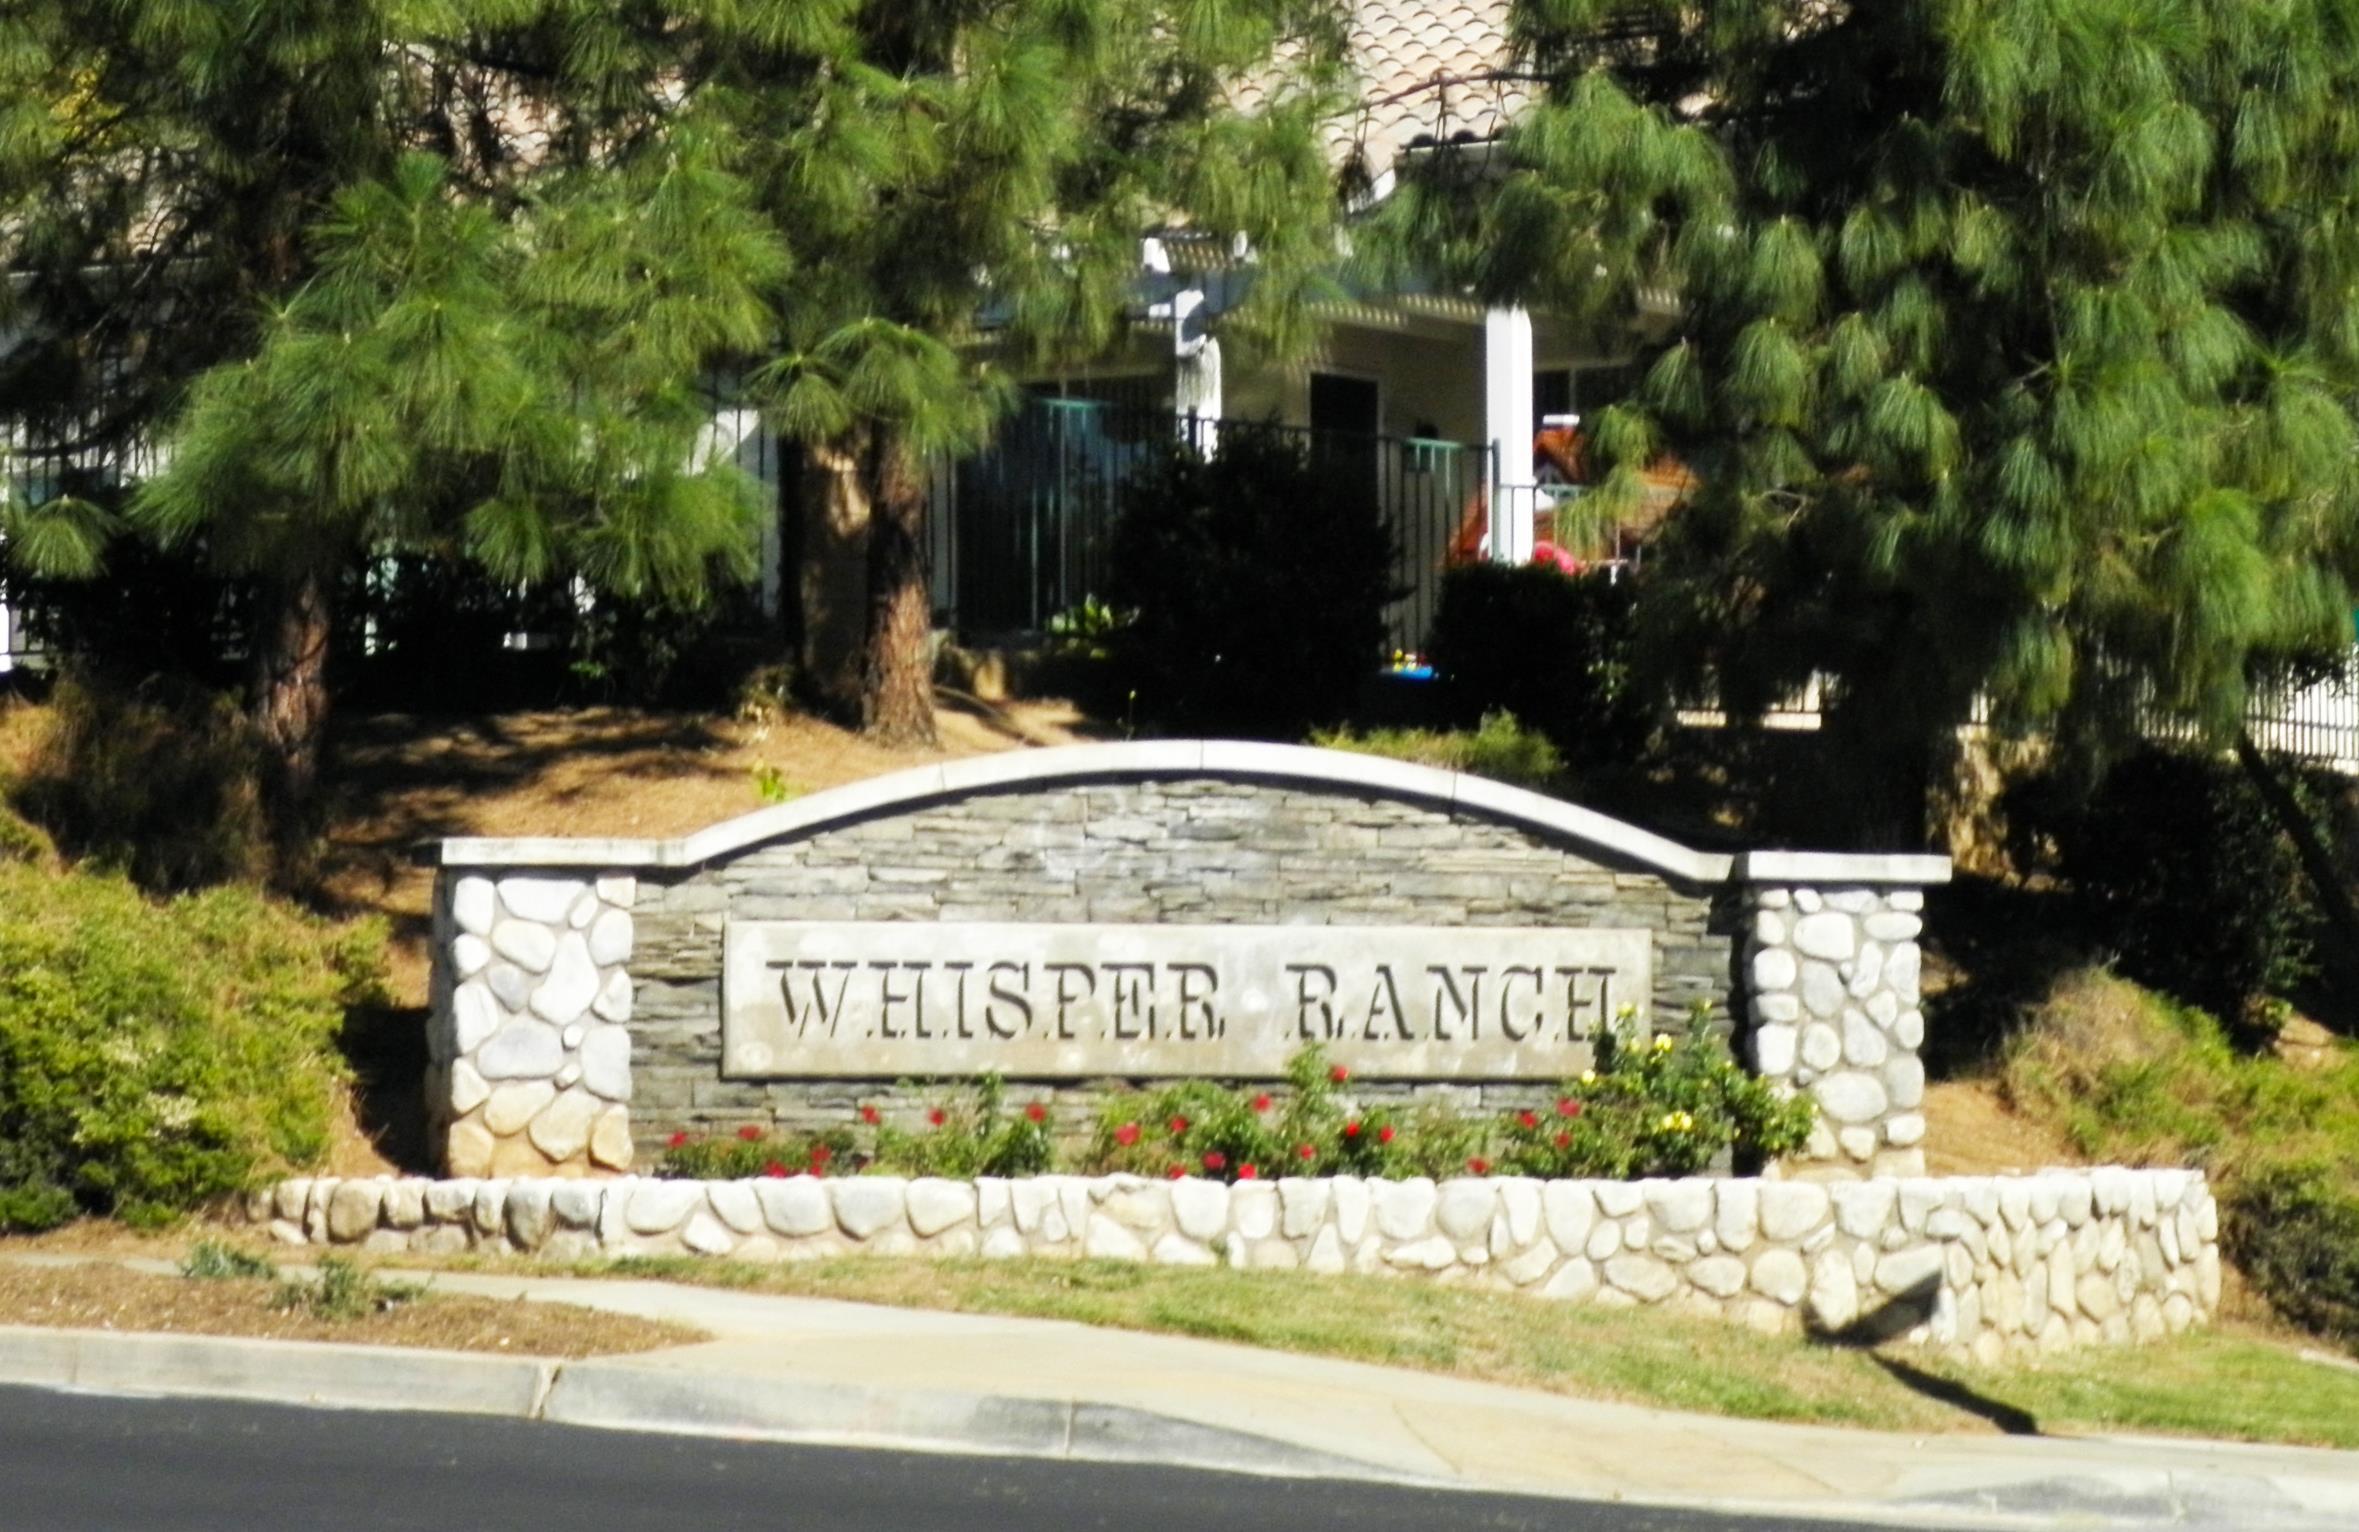 Whisper Ranch